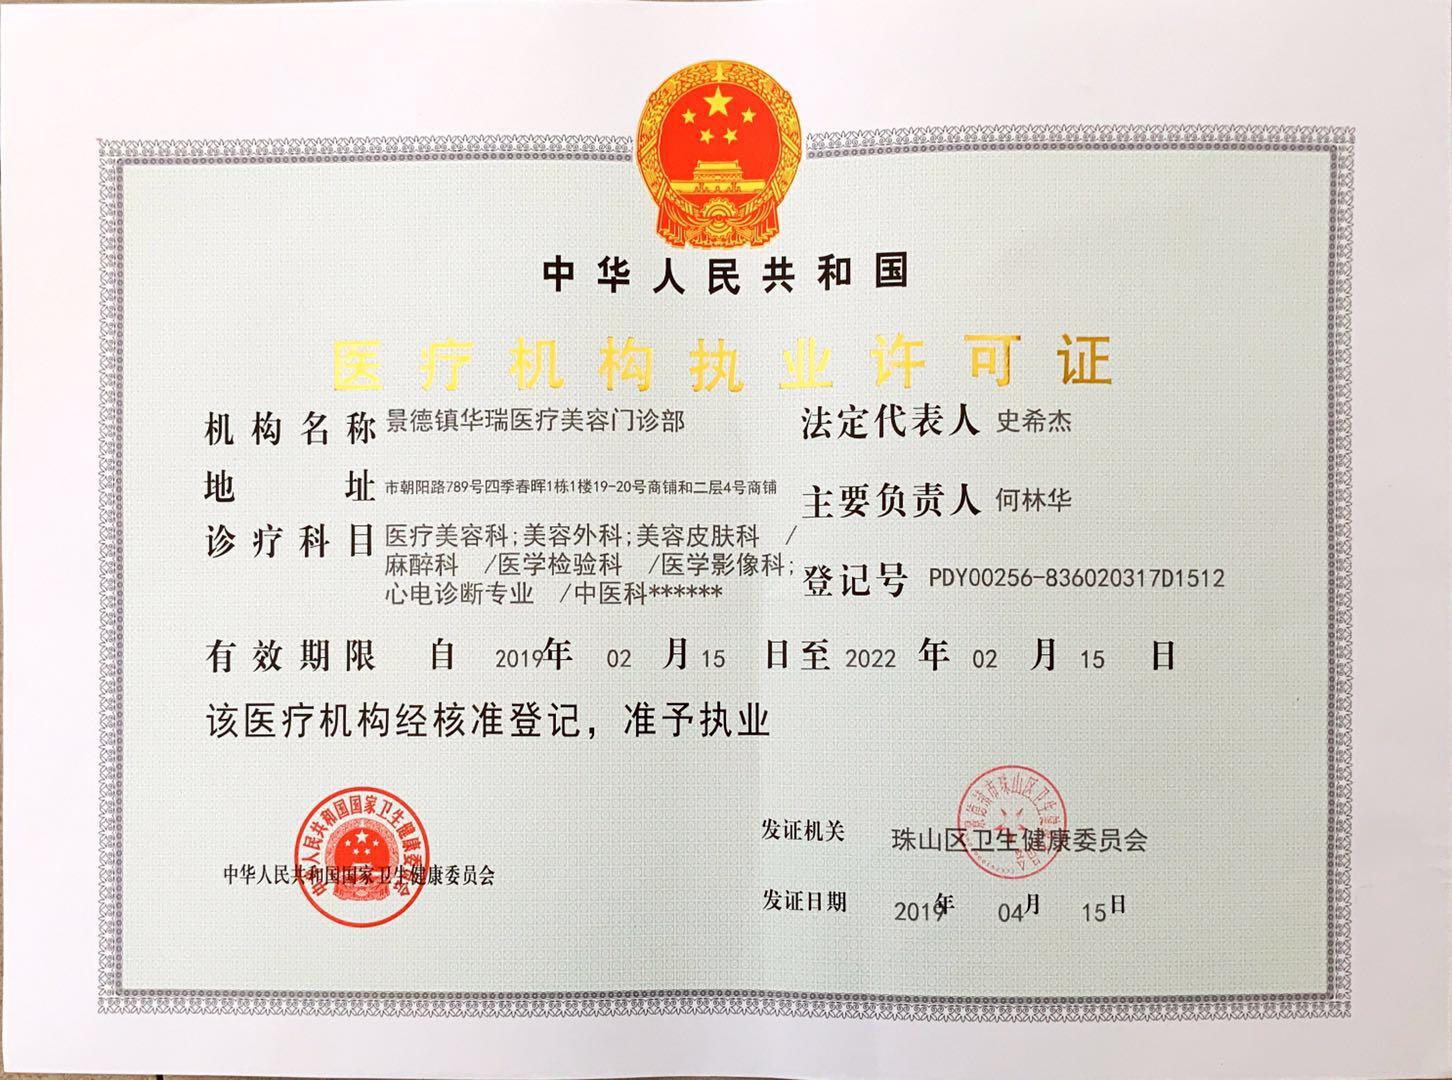 景德镇华瑞医疗美容门诊部医疗机构执业许可证